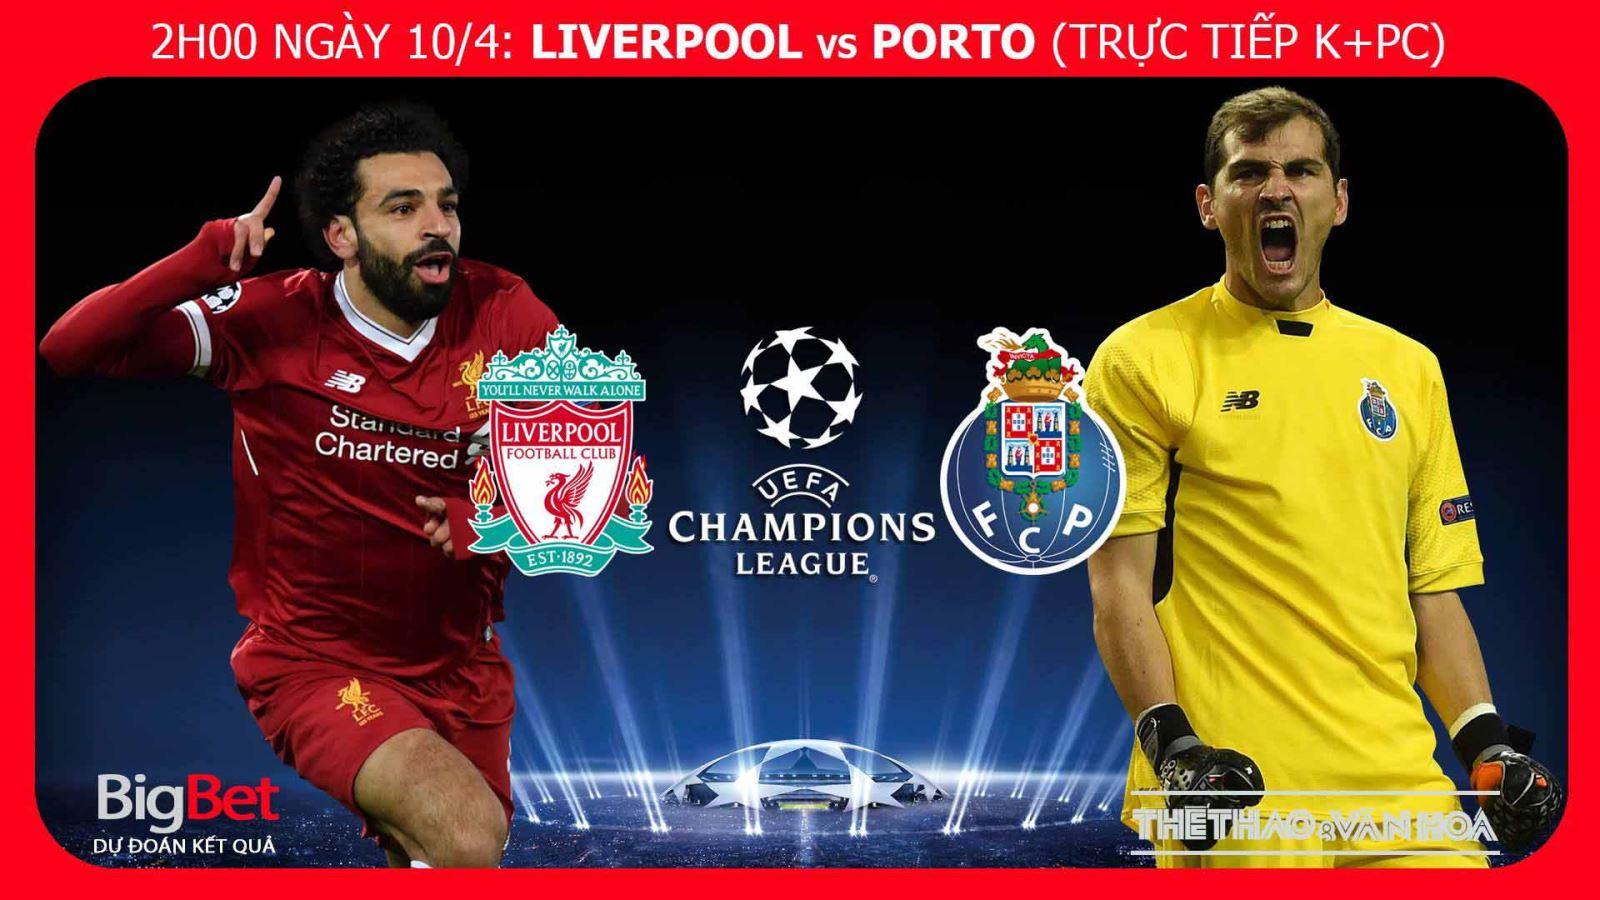 Soi kèo bóng đá Liverpool vs Porto (02h00, 10/4). Trực tiếp bóng đá. Lịch thi đấu C1